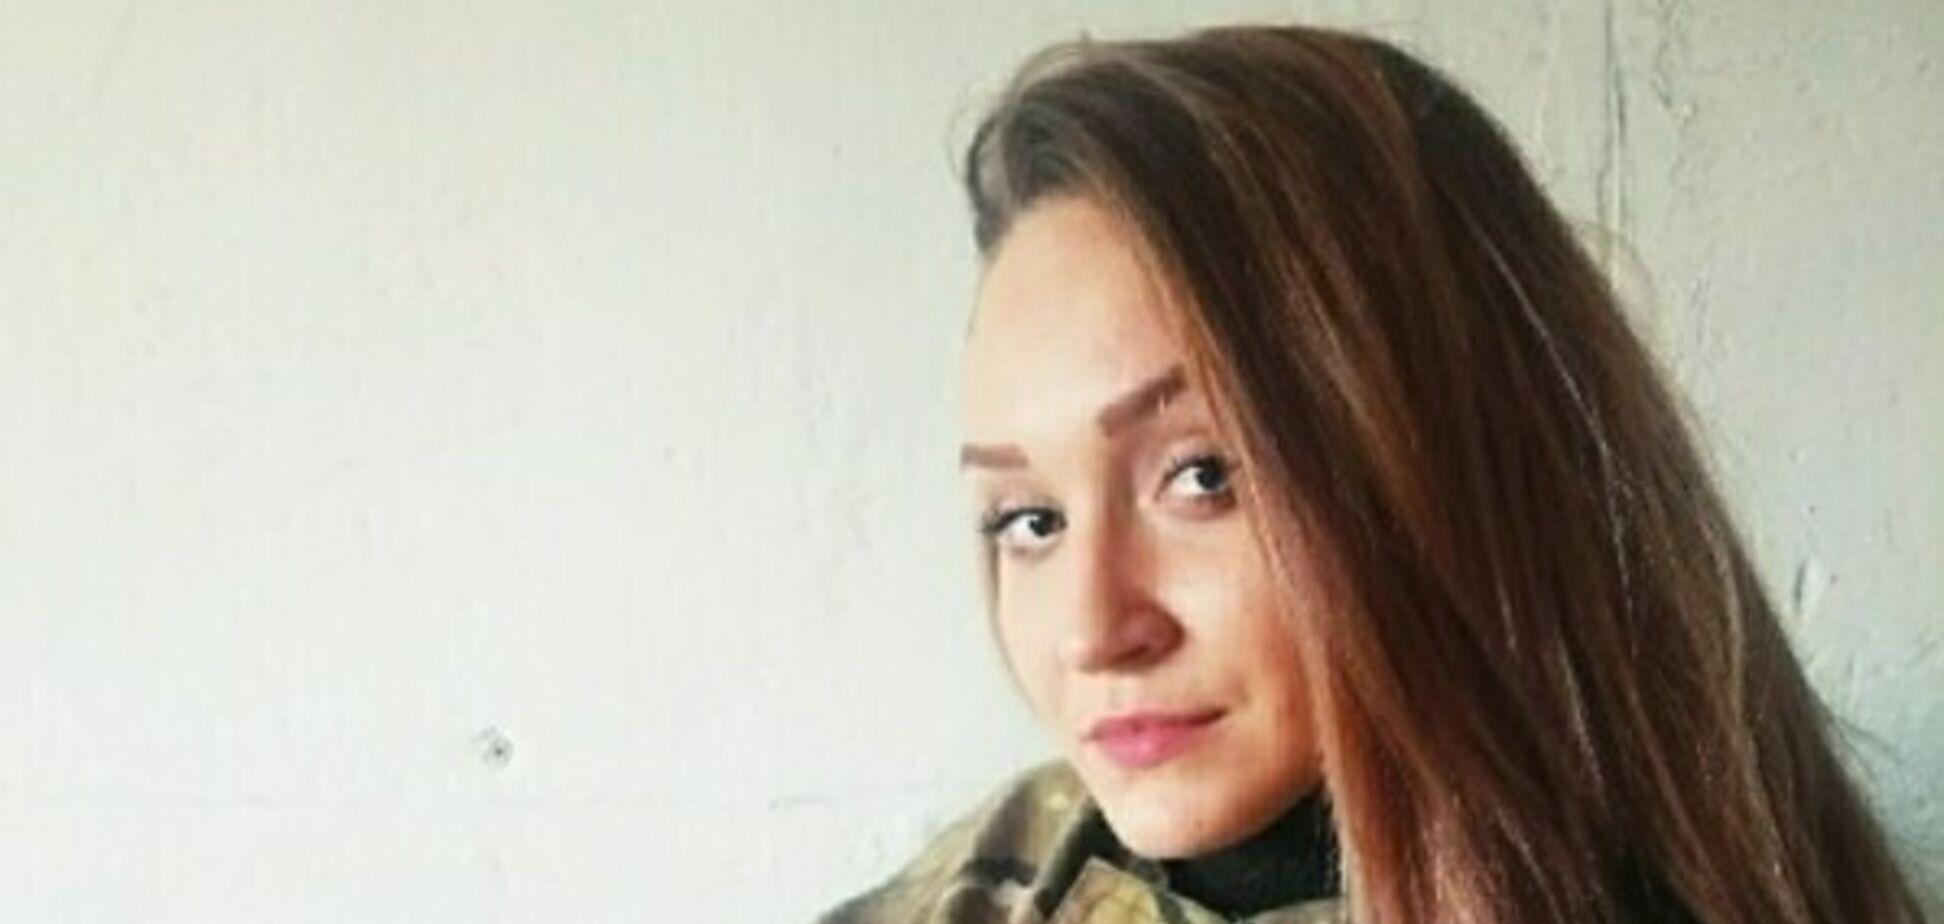 На Донбассе убили 23-летнюю террористку из Харькова: Пушилин устроил показуху